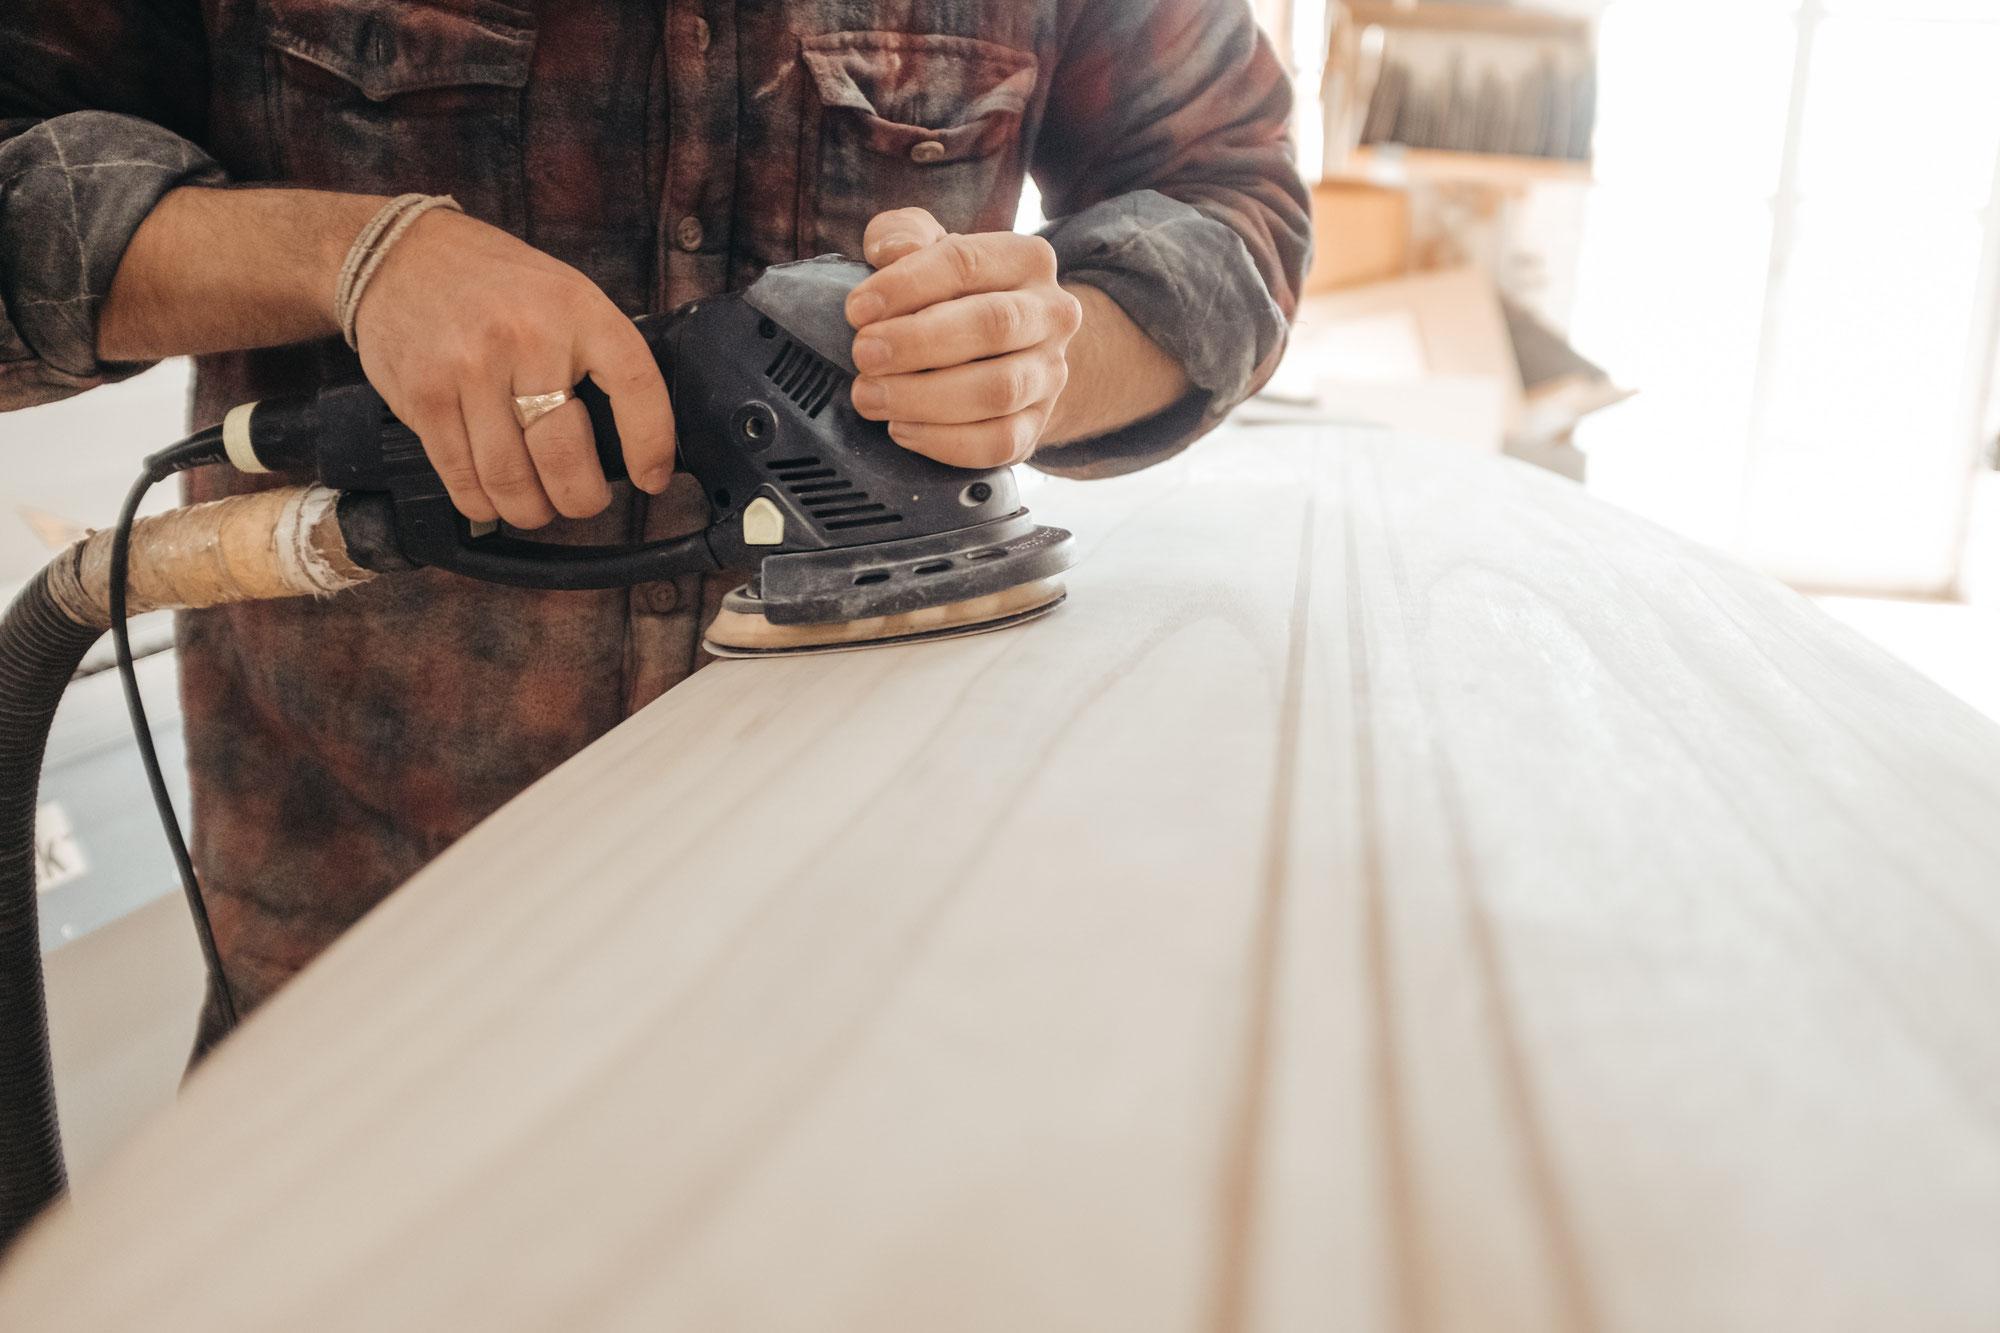 Produkthaftung: Wofür Handwerker*innen im Alltag haften